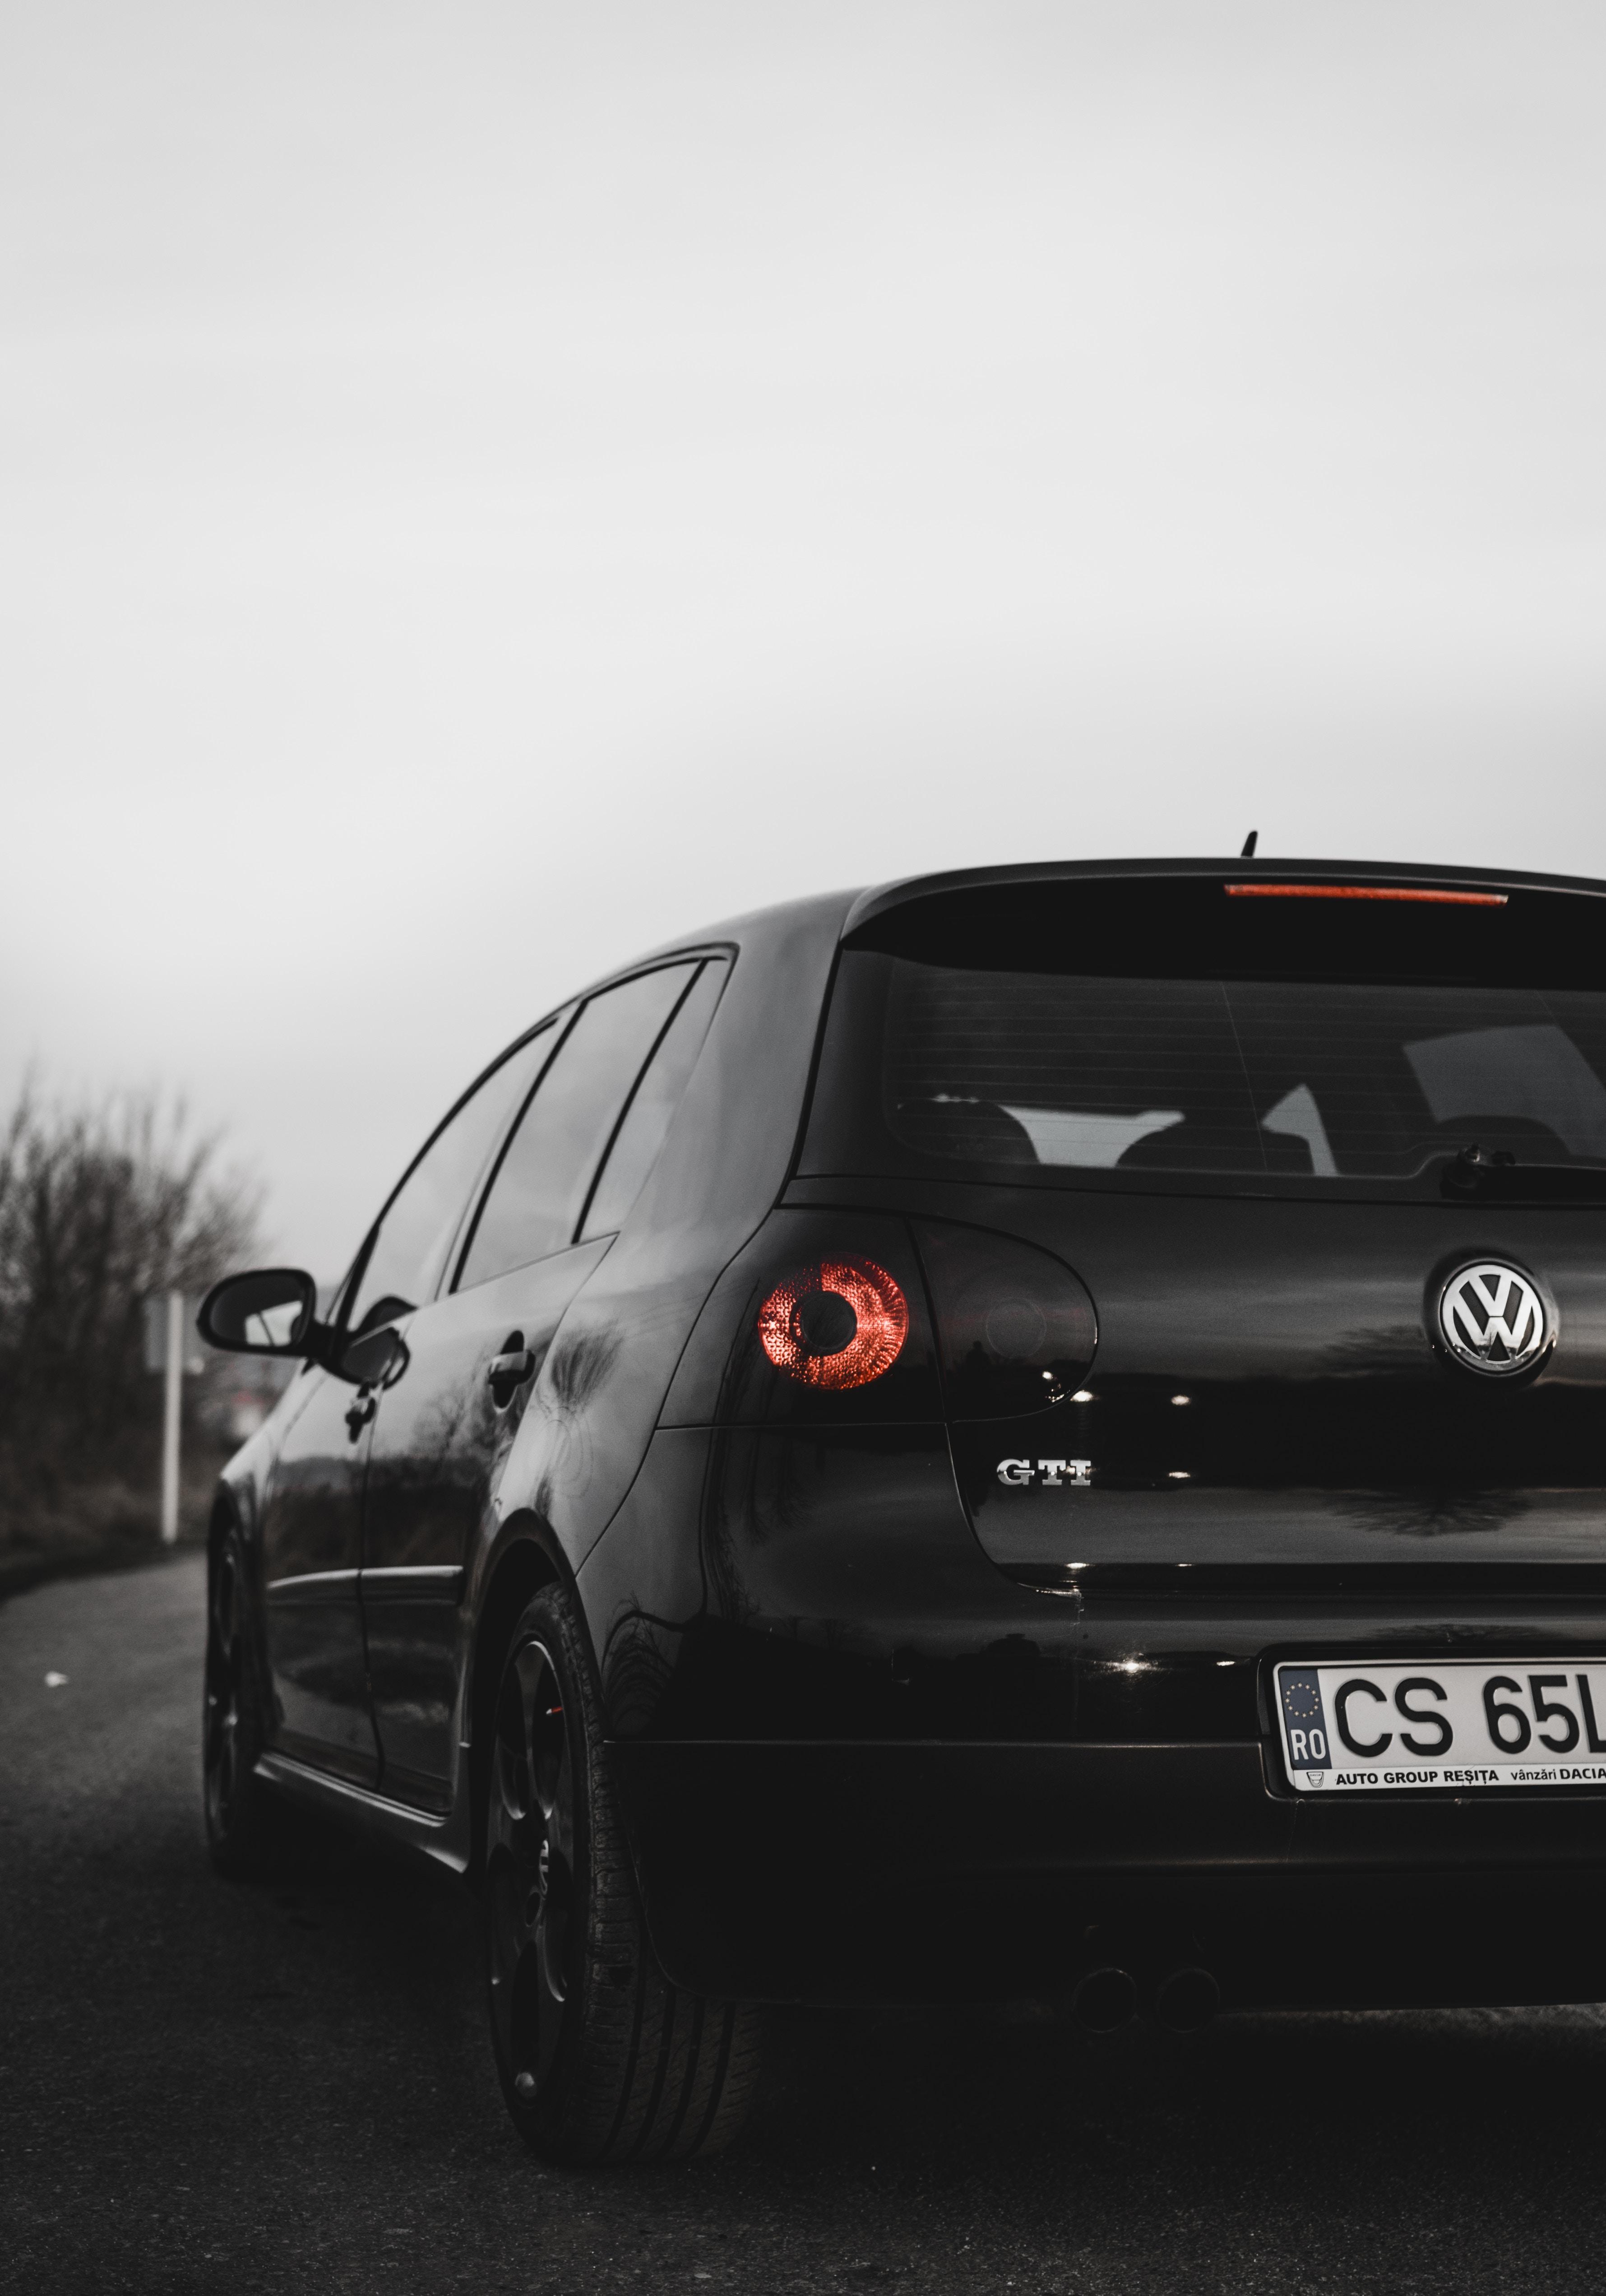 Een auto importeren uit Duitsland: hoe zit dat?